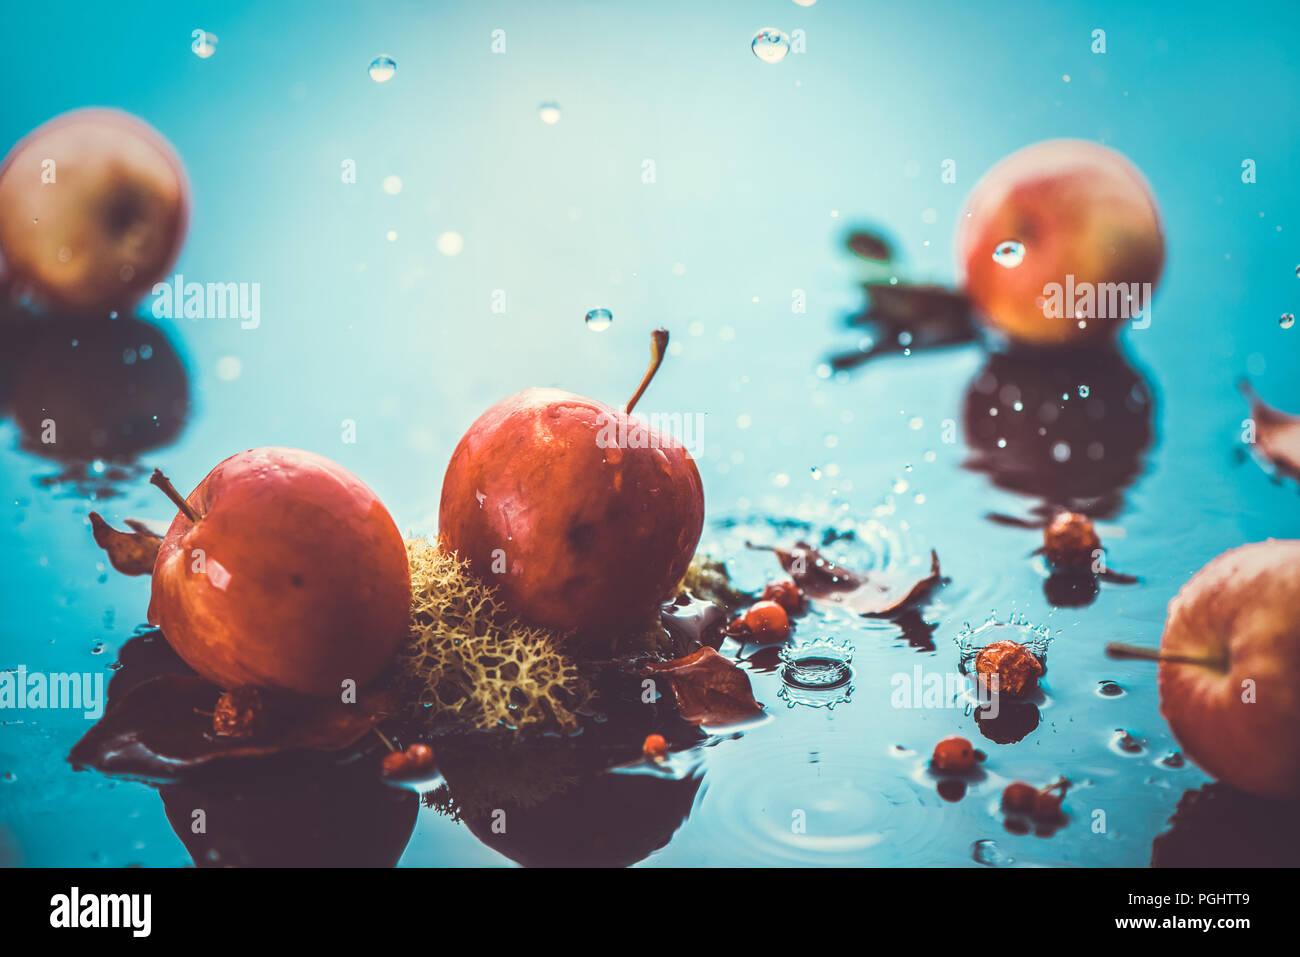 Las manzanas de otoño bajo la lluvia todavía la vida. Cosecha de Otoño cabezal con gotas de agua y espacio de copia. Ranet pequeñas manzanas rojas y las hojas caídas. Efecto de proceso cruzado Imagen De Stock